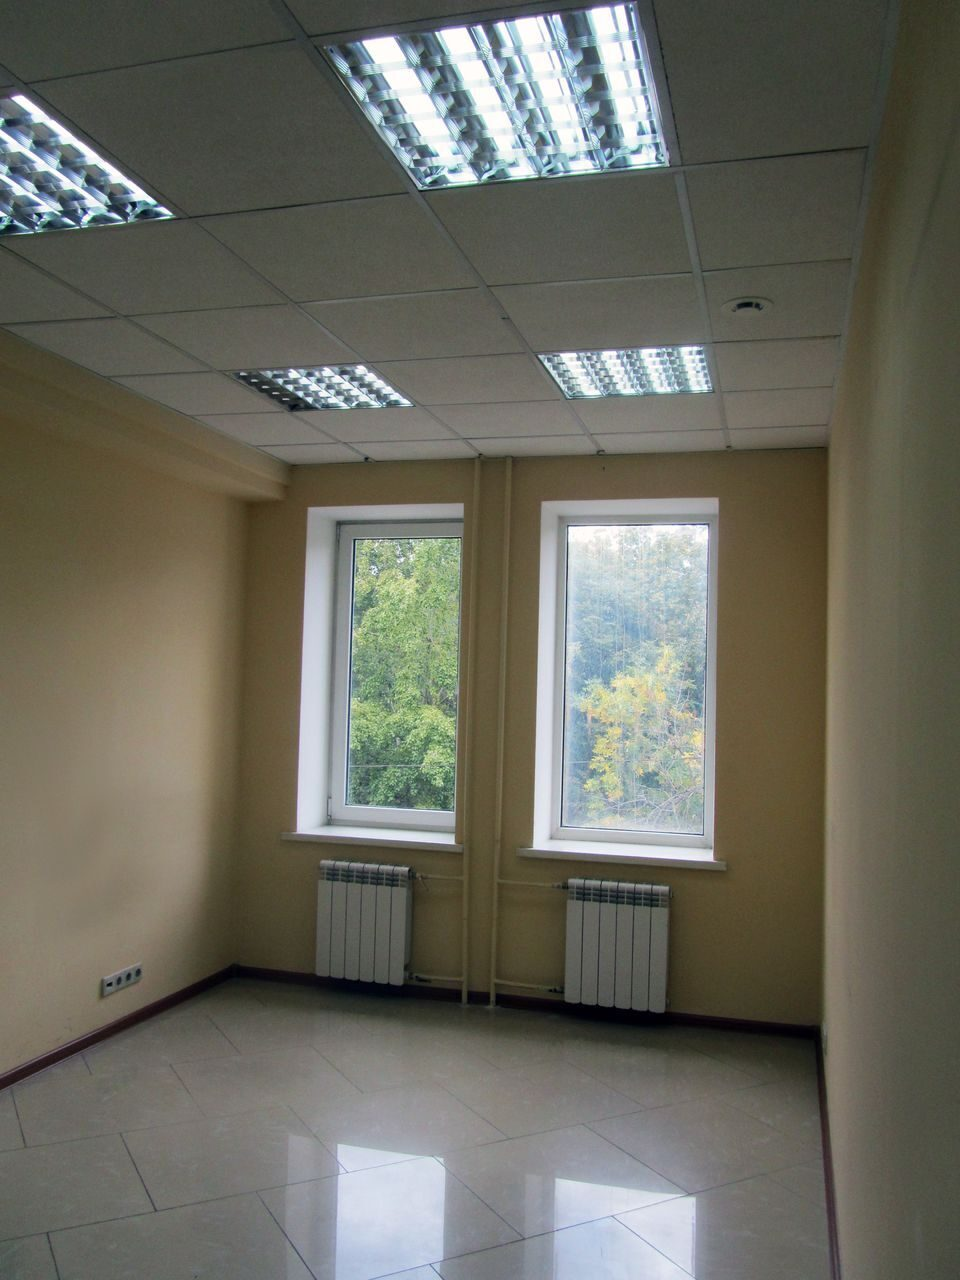 Аренда офиса от собственника ювао москва аренда офиса ул.воздвиженка